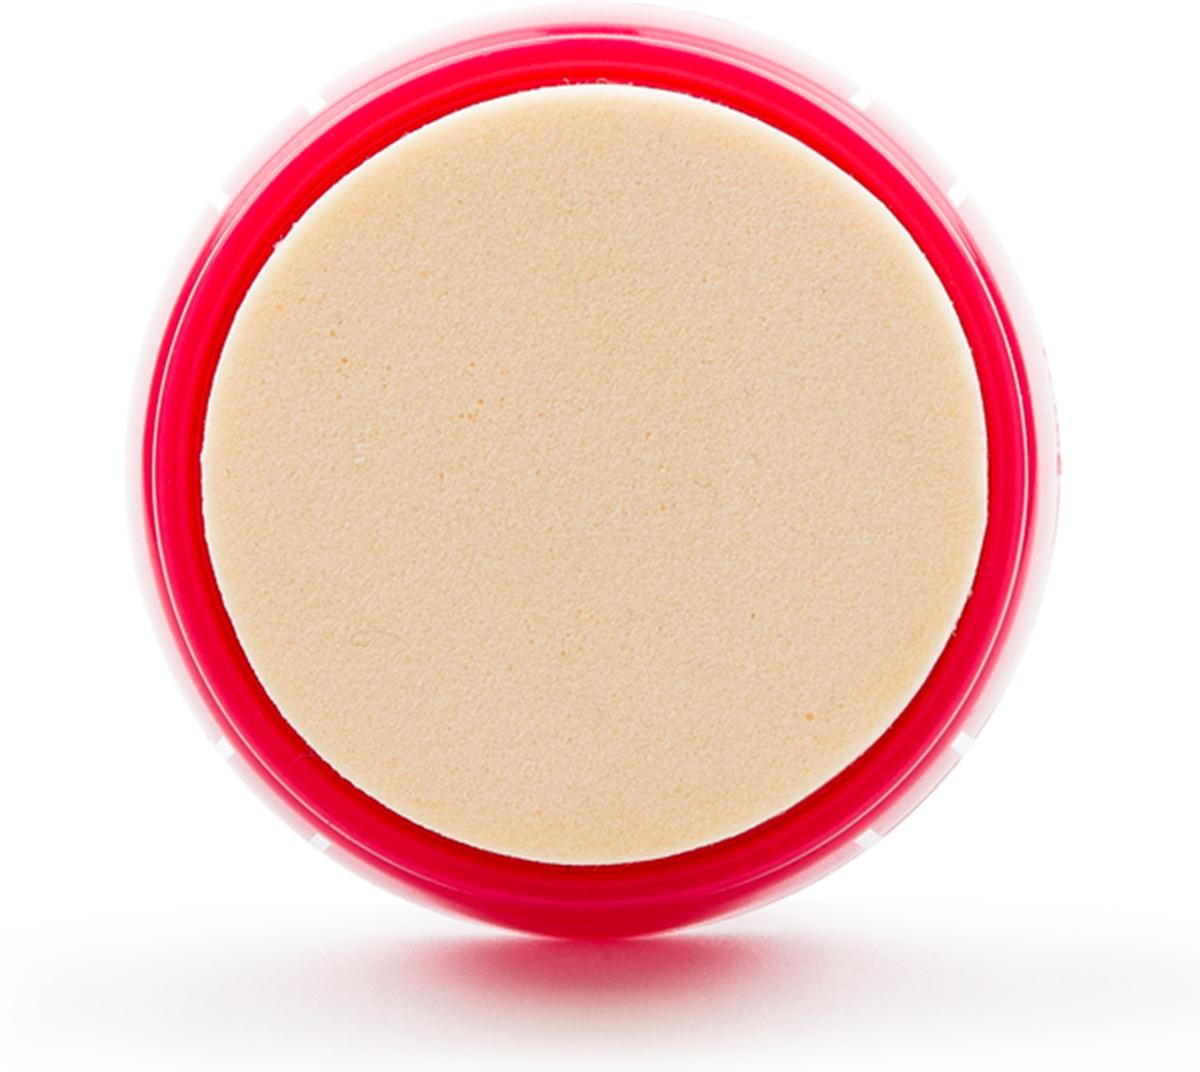 Almea Сменная спонж-насадка для увлажнения кожи Clariskin, цвет: розовый almea clariskin original